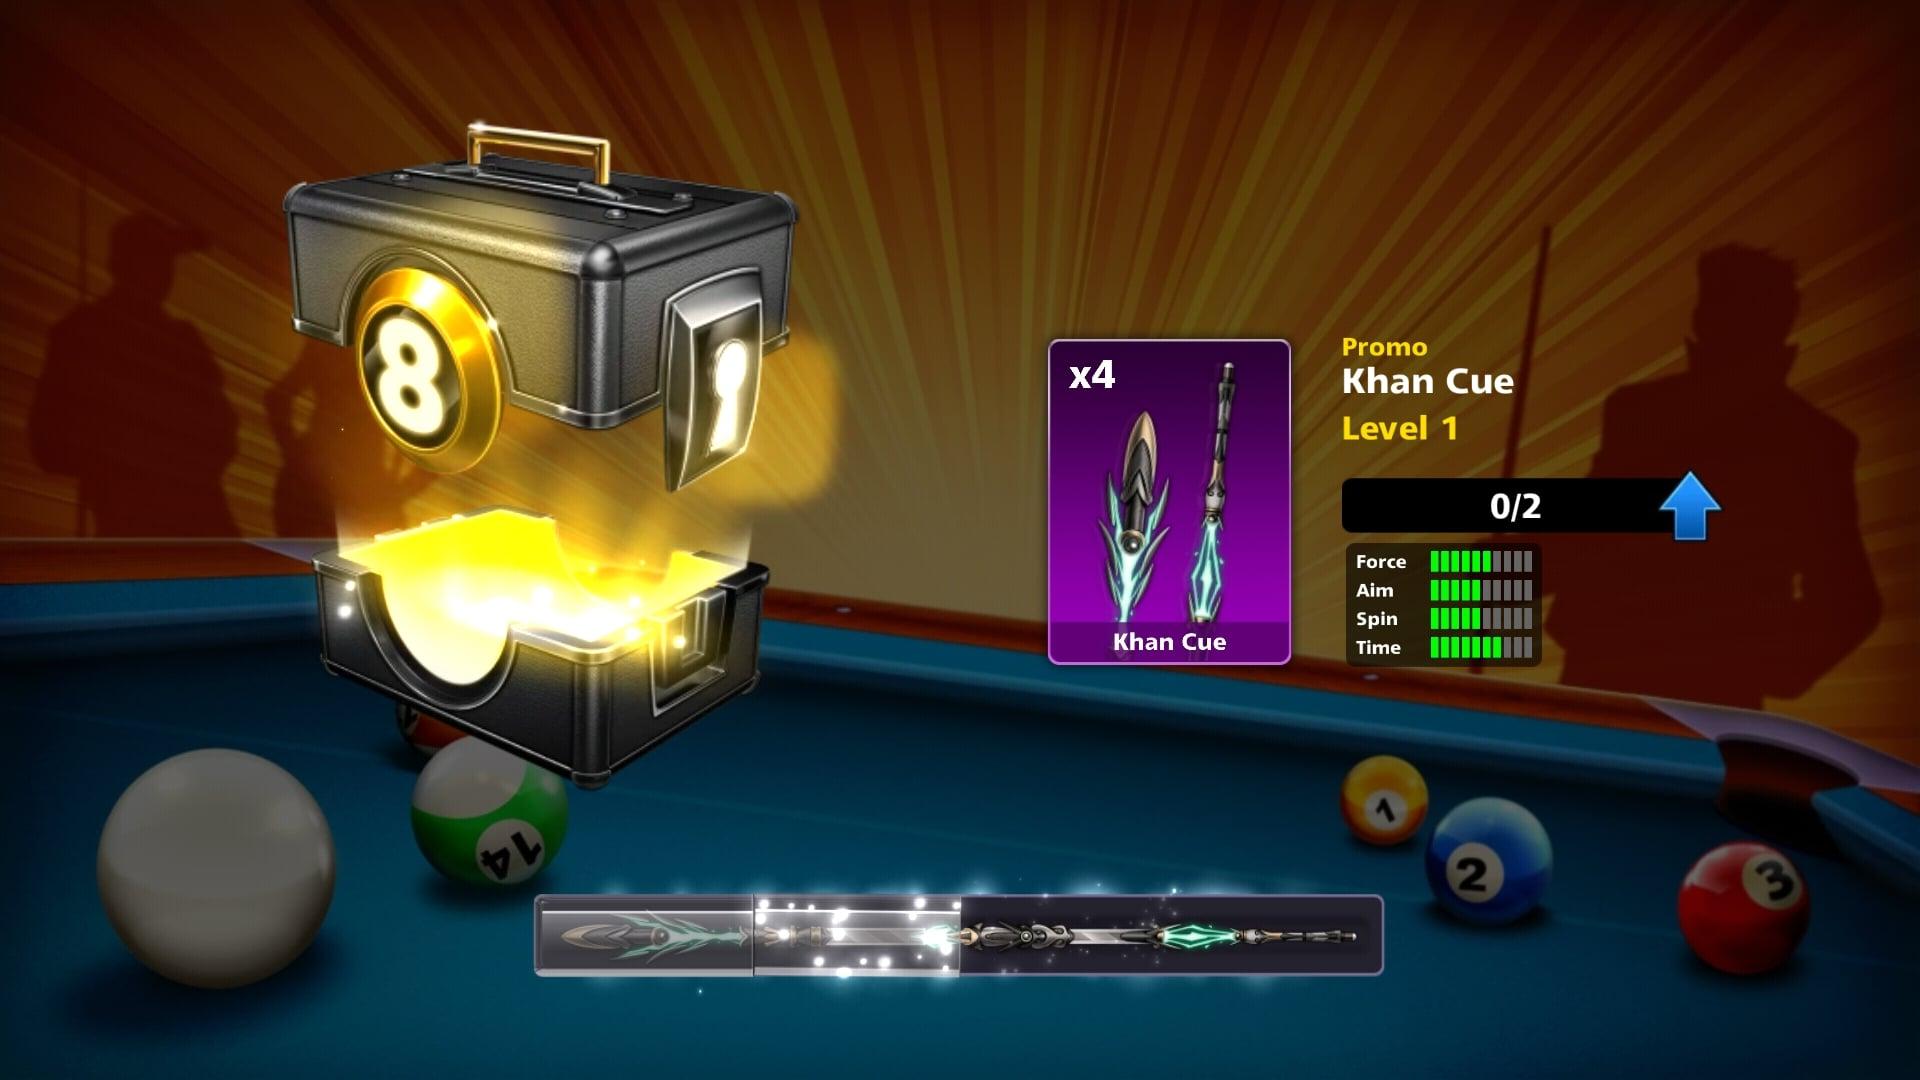 Free Khan Cue Trick